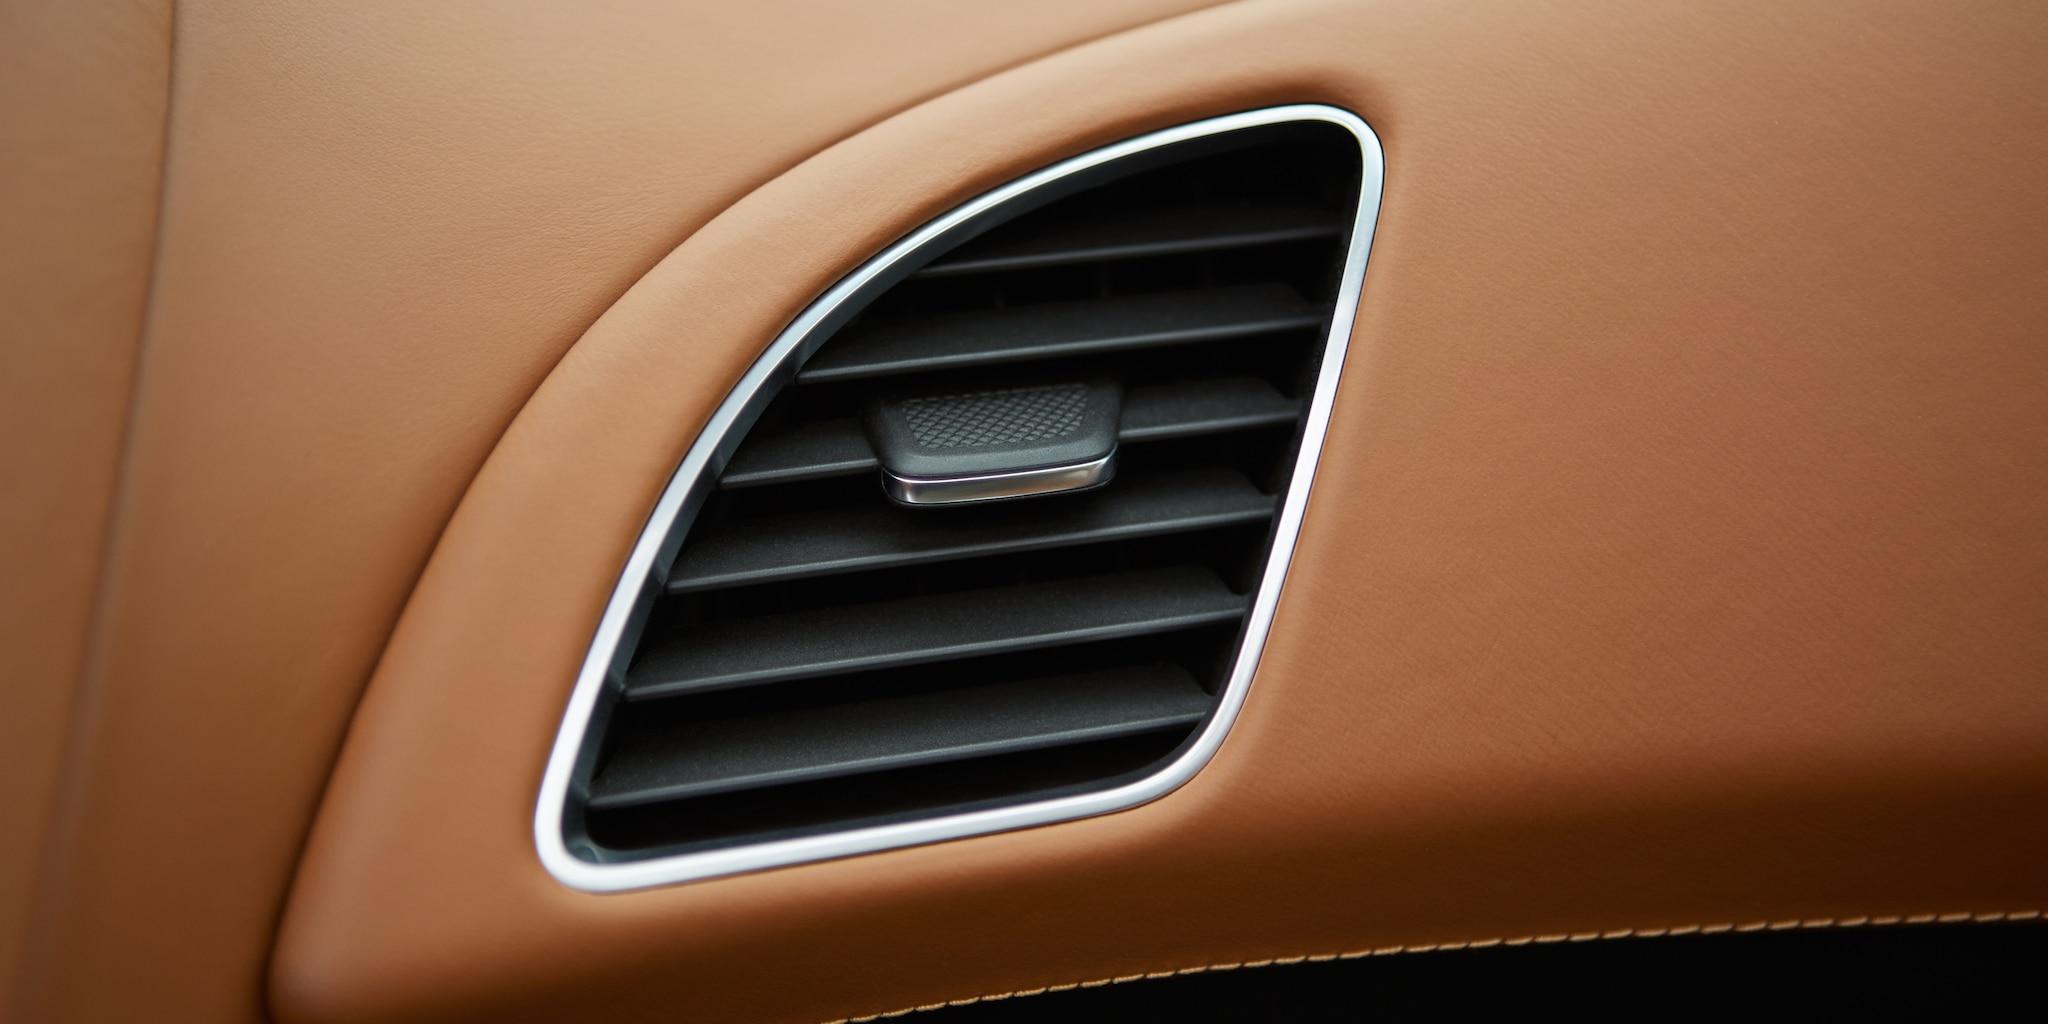 Diseño del auto deportivo Corvette Stingray 2018: ventilaciones en el tablero